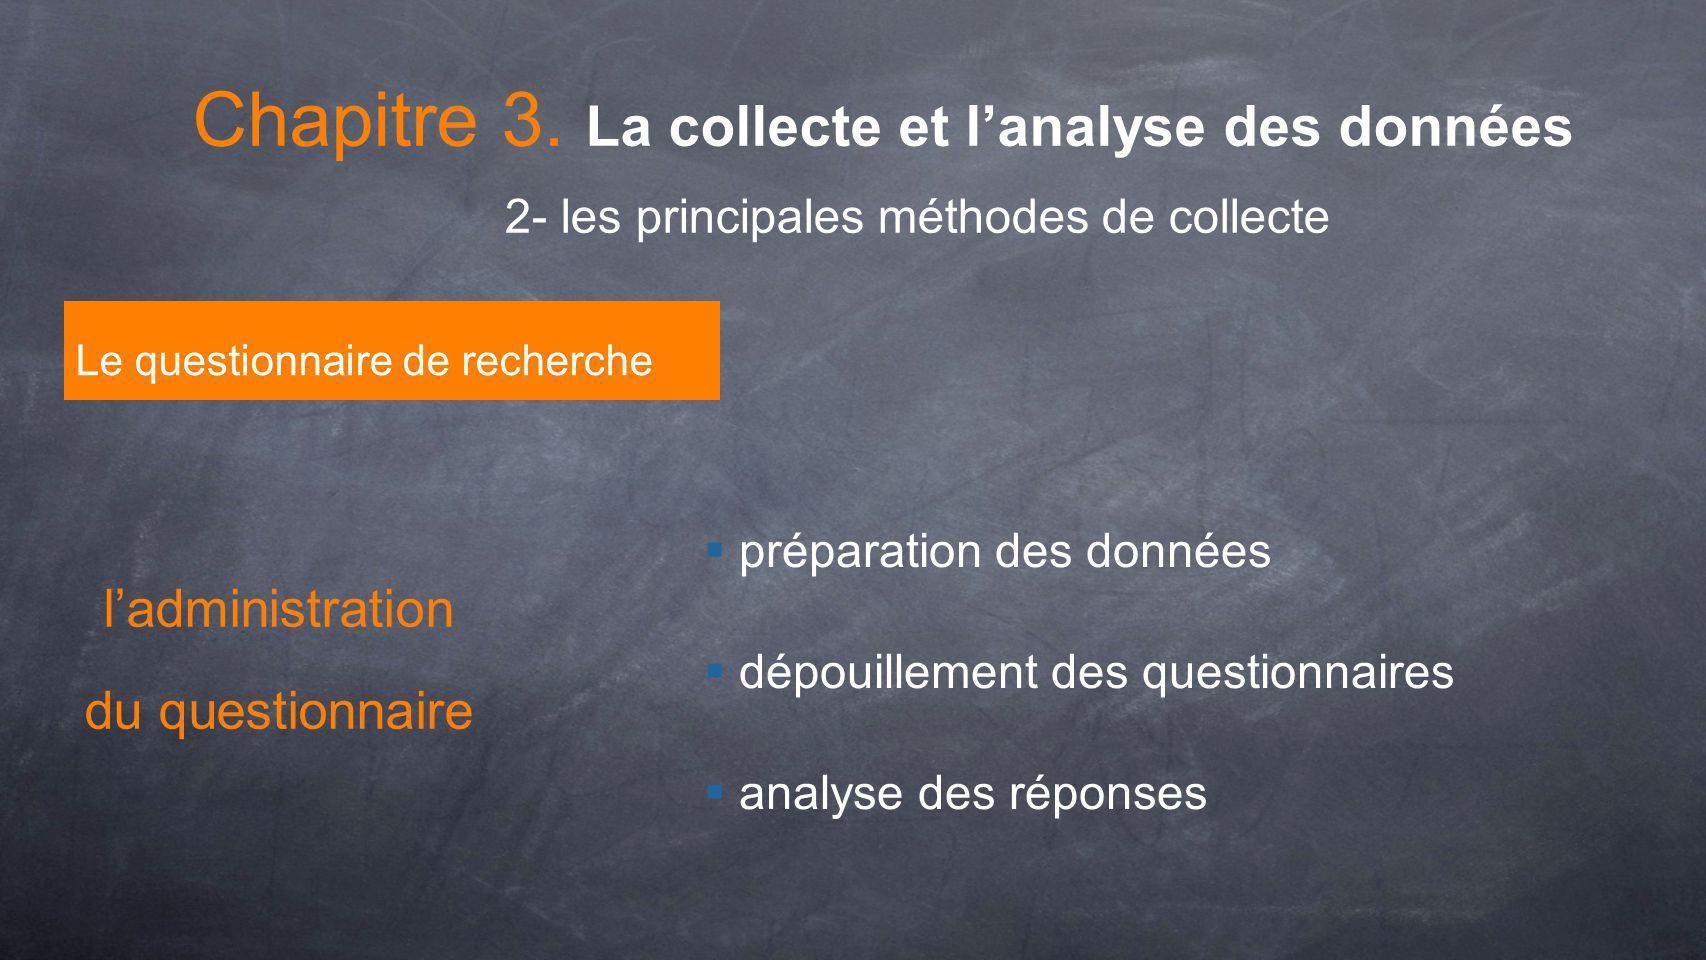 préparation des données dépouillement des questionnaires analyse des réponses Le questionnaire de recherche 2- les principales méthodes de collecte Ch